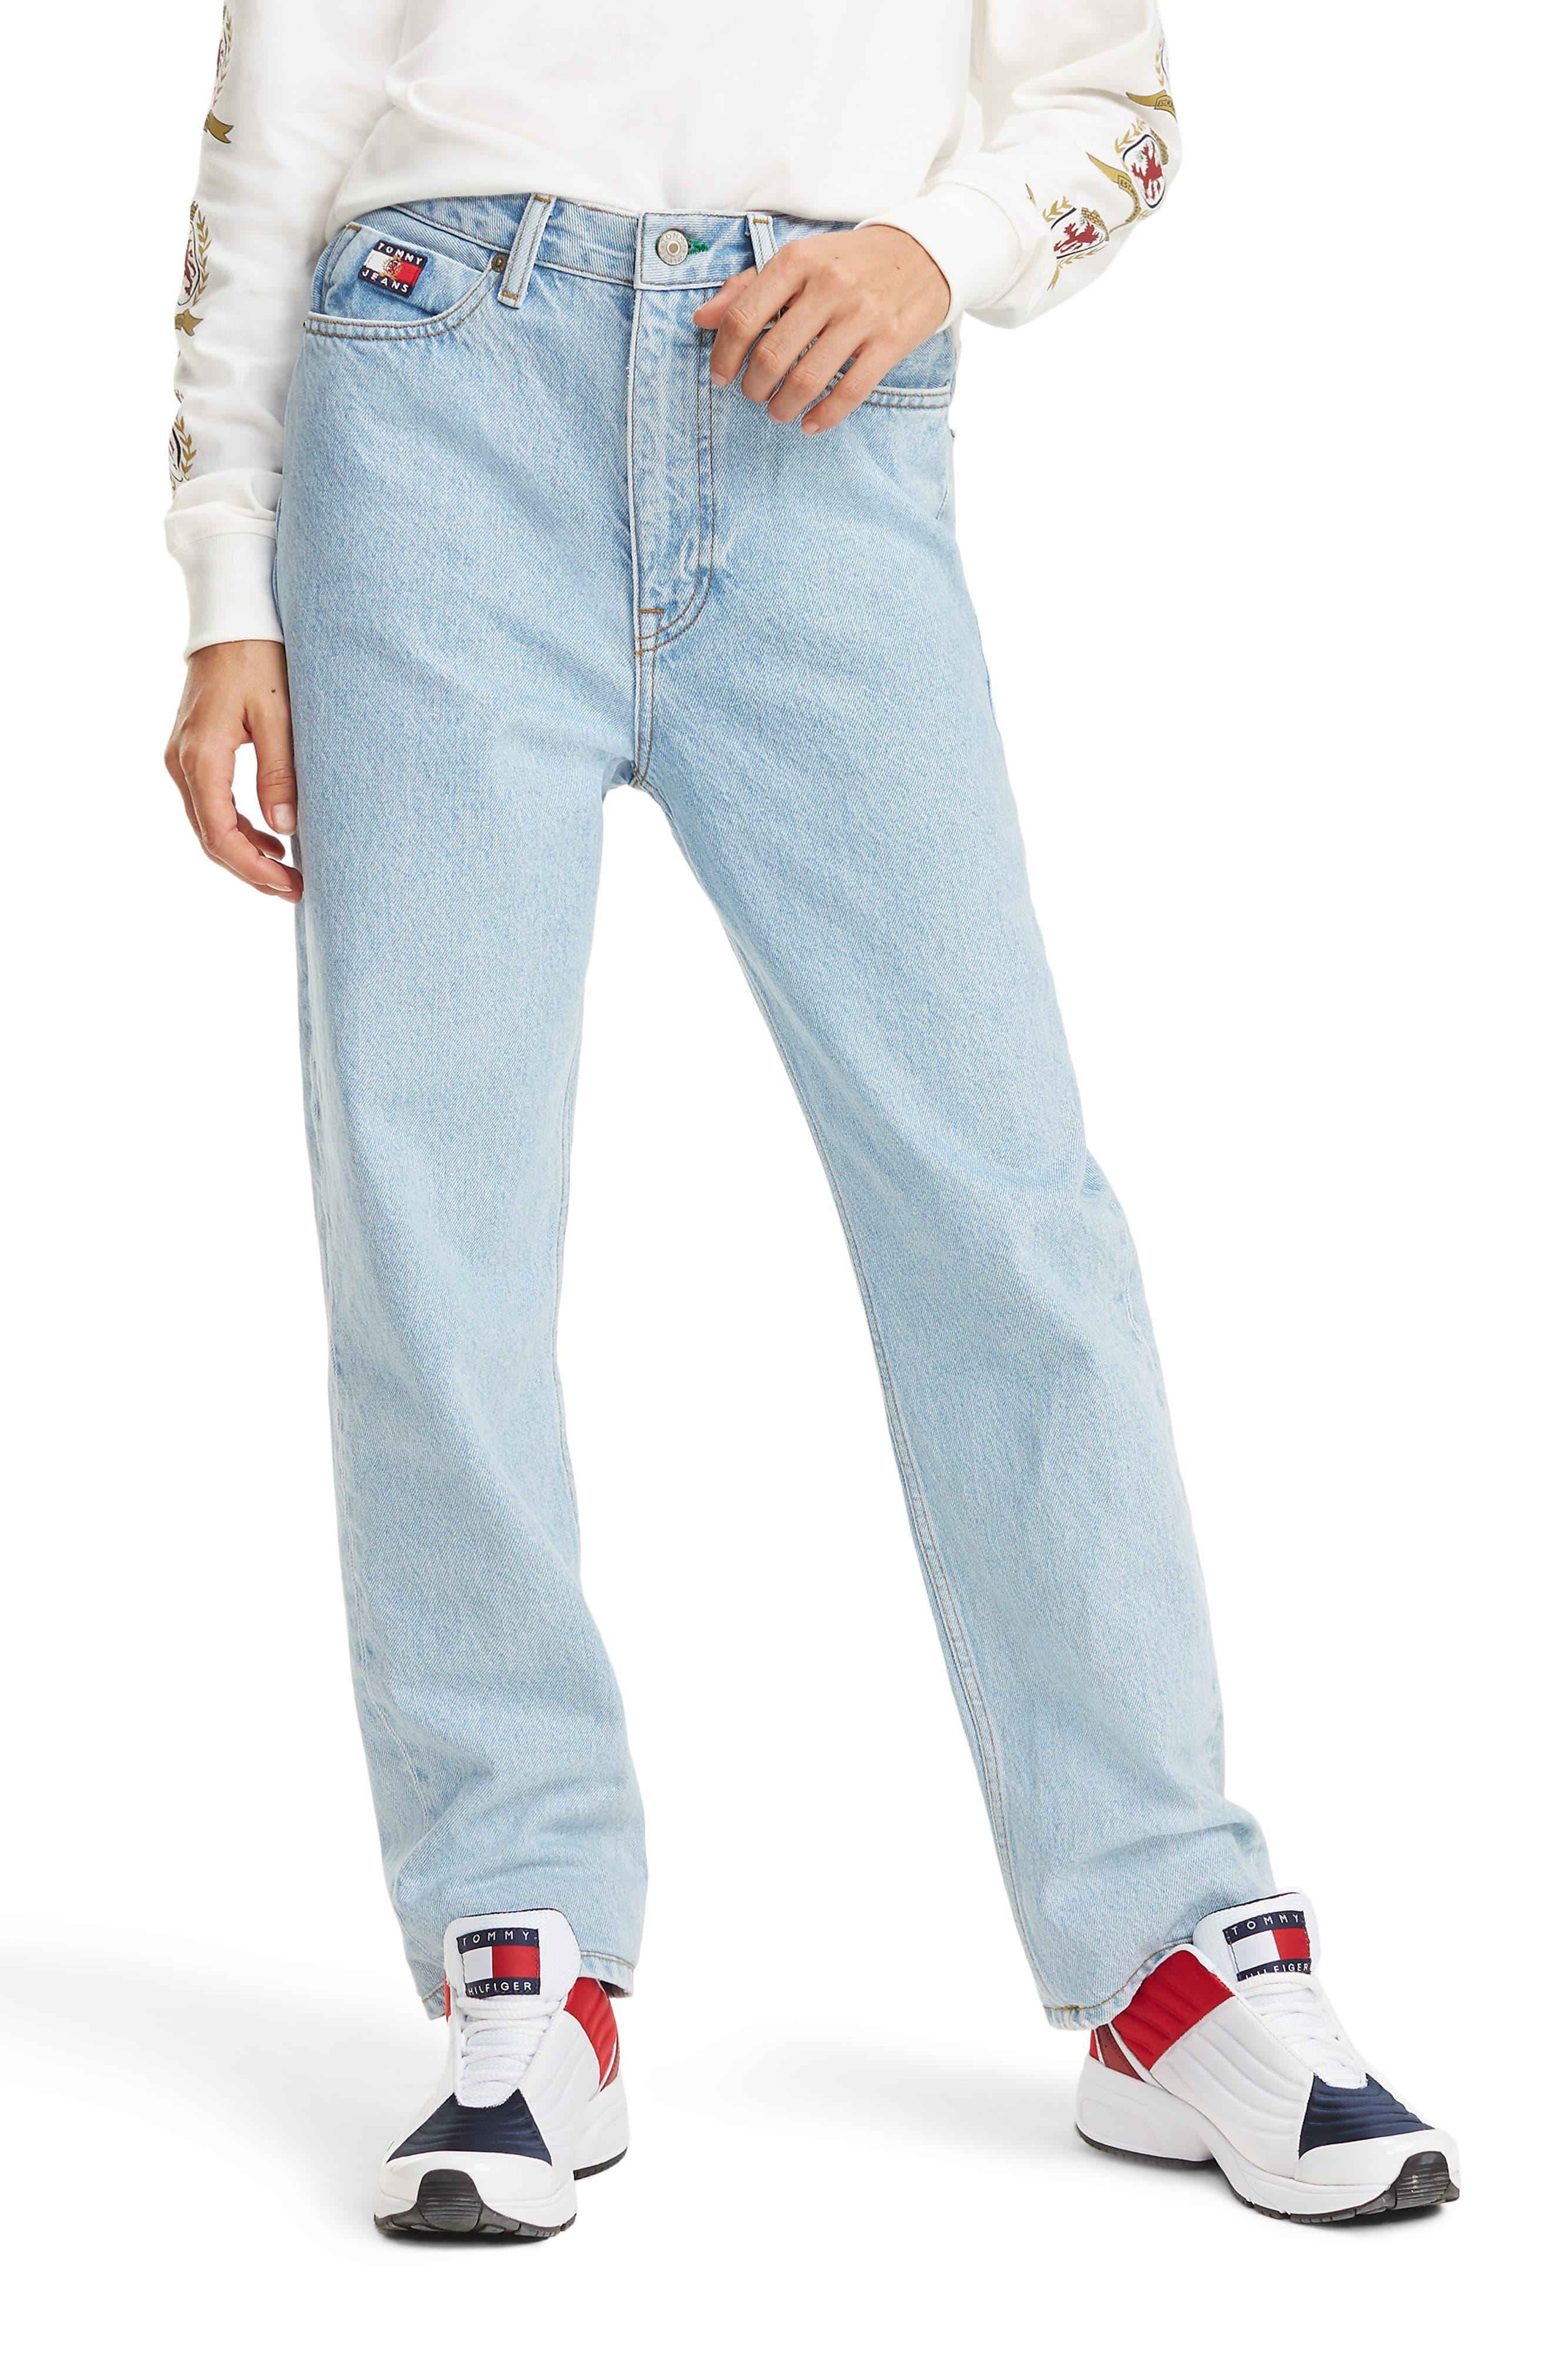 Crest Capsule Mom Jeans,                             Main thumbnail 1, color,                             LIGHT BLUE DENIM